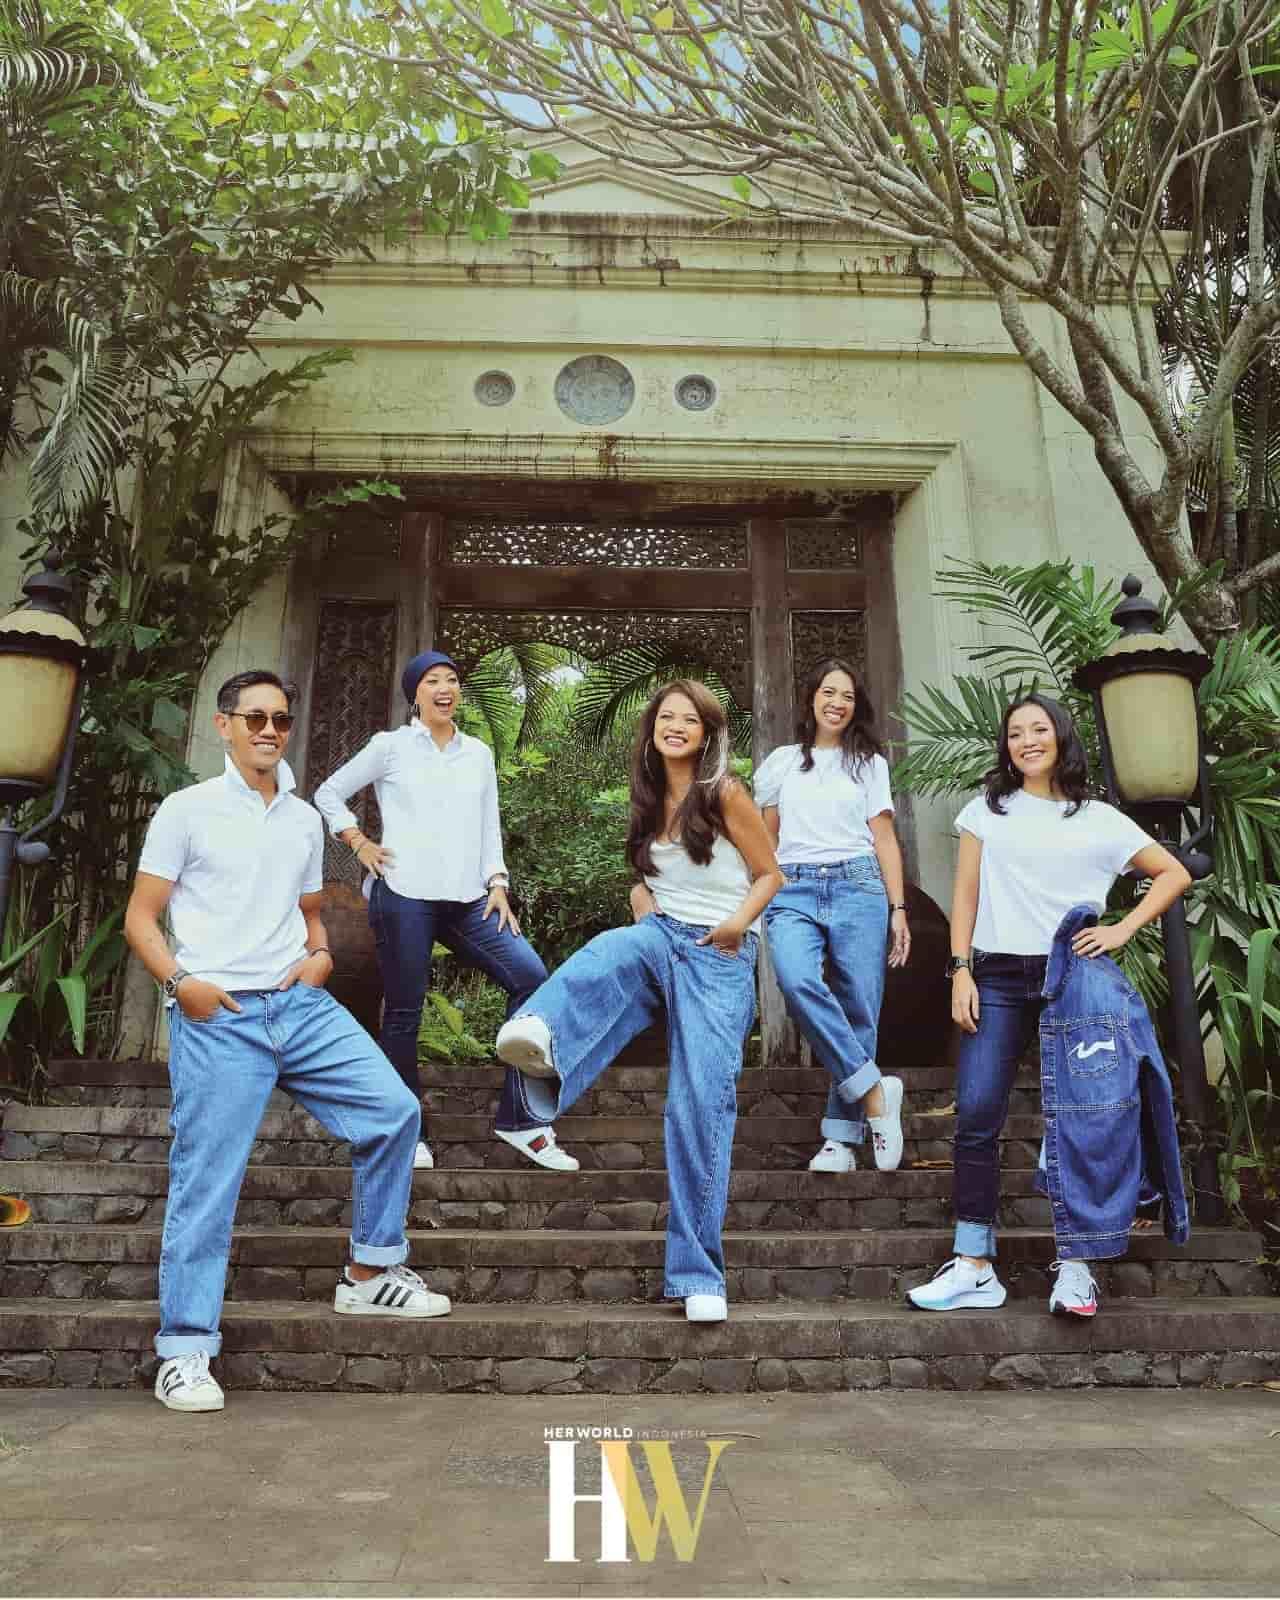 KIND Denim, Produk Jeans Lokal Yang Ramah Lingkungan